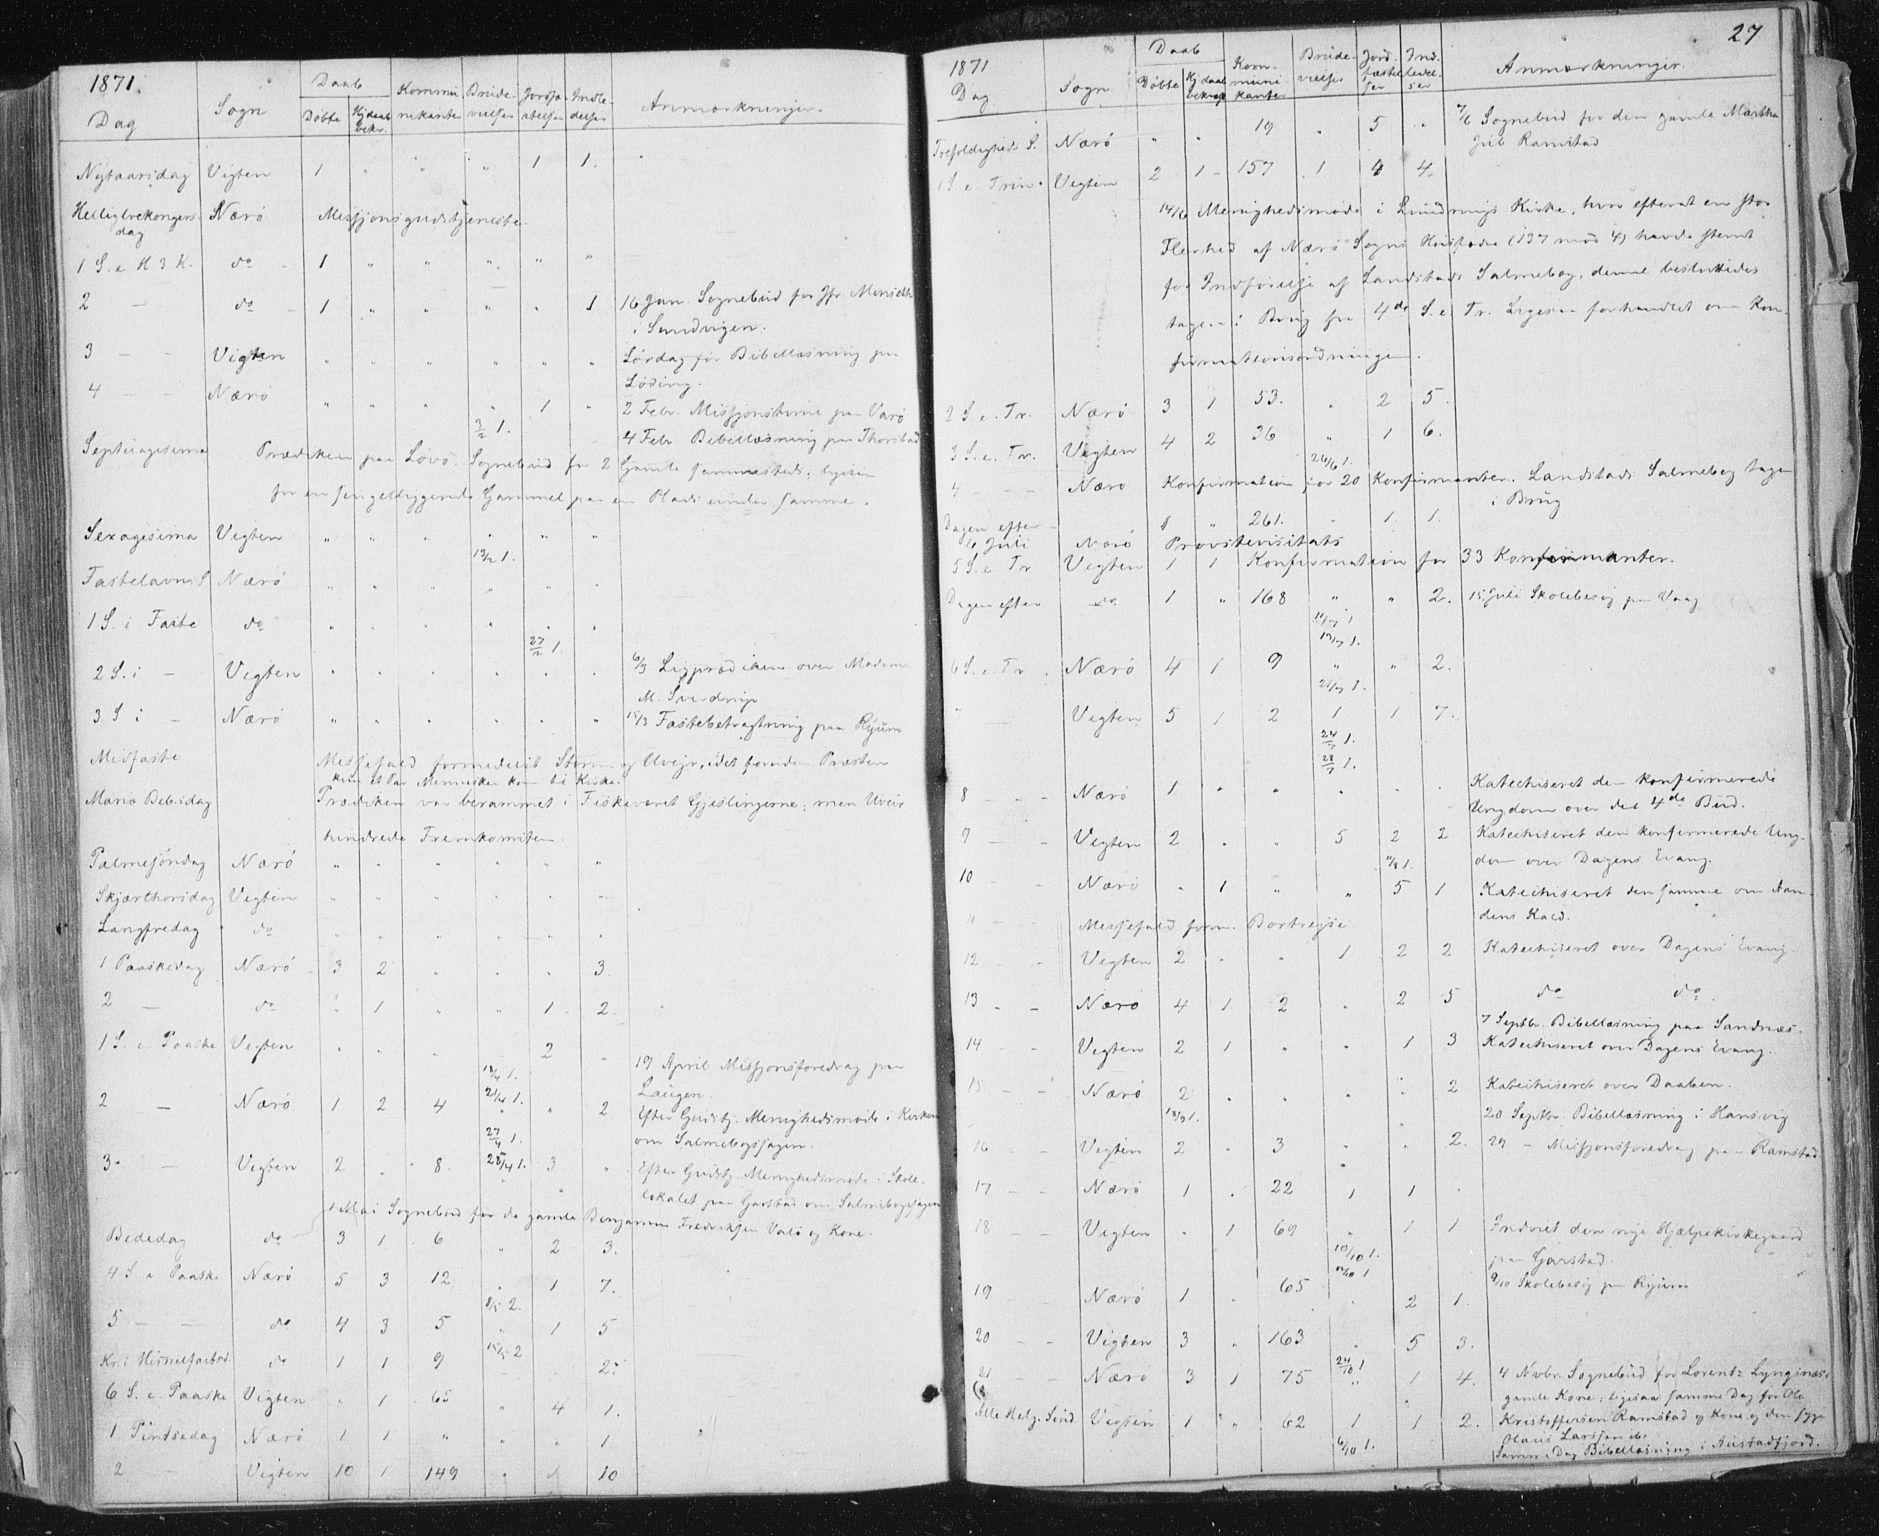 SAT, Ministerialprotokoller, klokkerbøker og fødselsregistre - Nord-Trøndelag, 784/L0670: Ministerialbok nr. 784A05, 1860-1876, s. 27